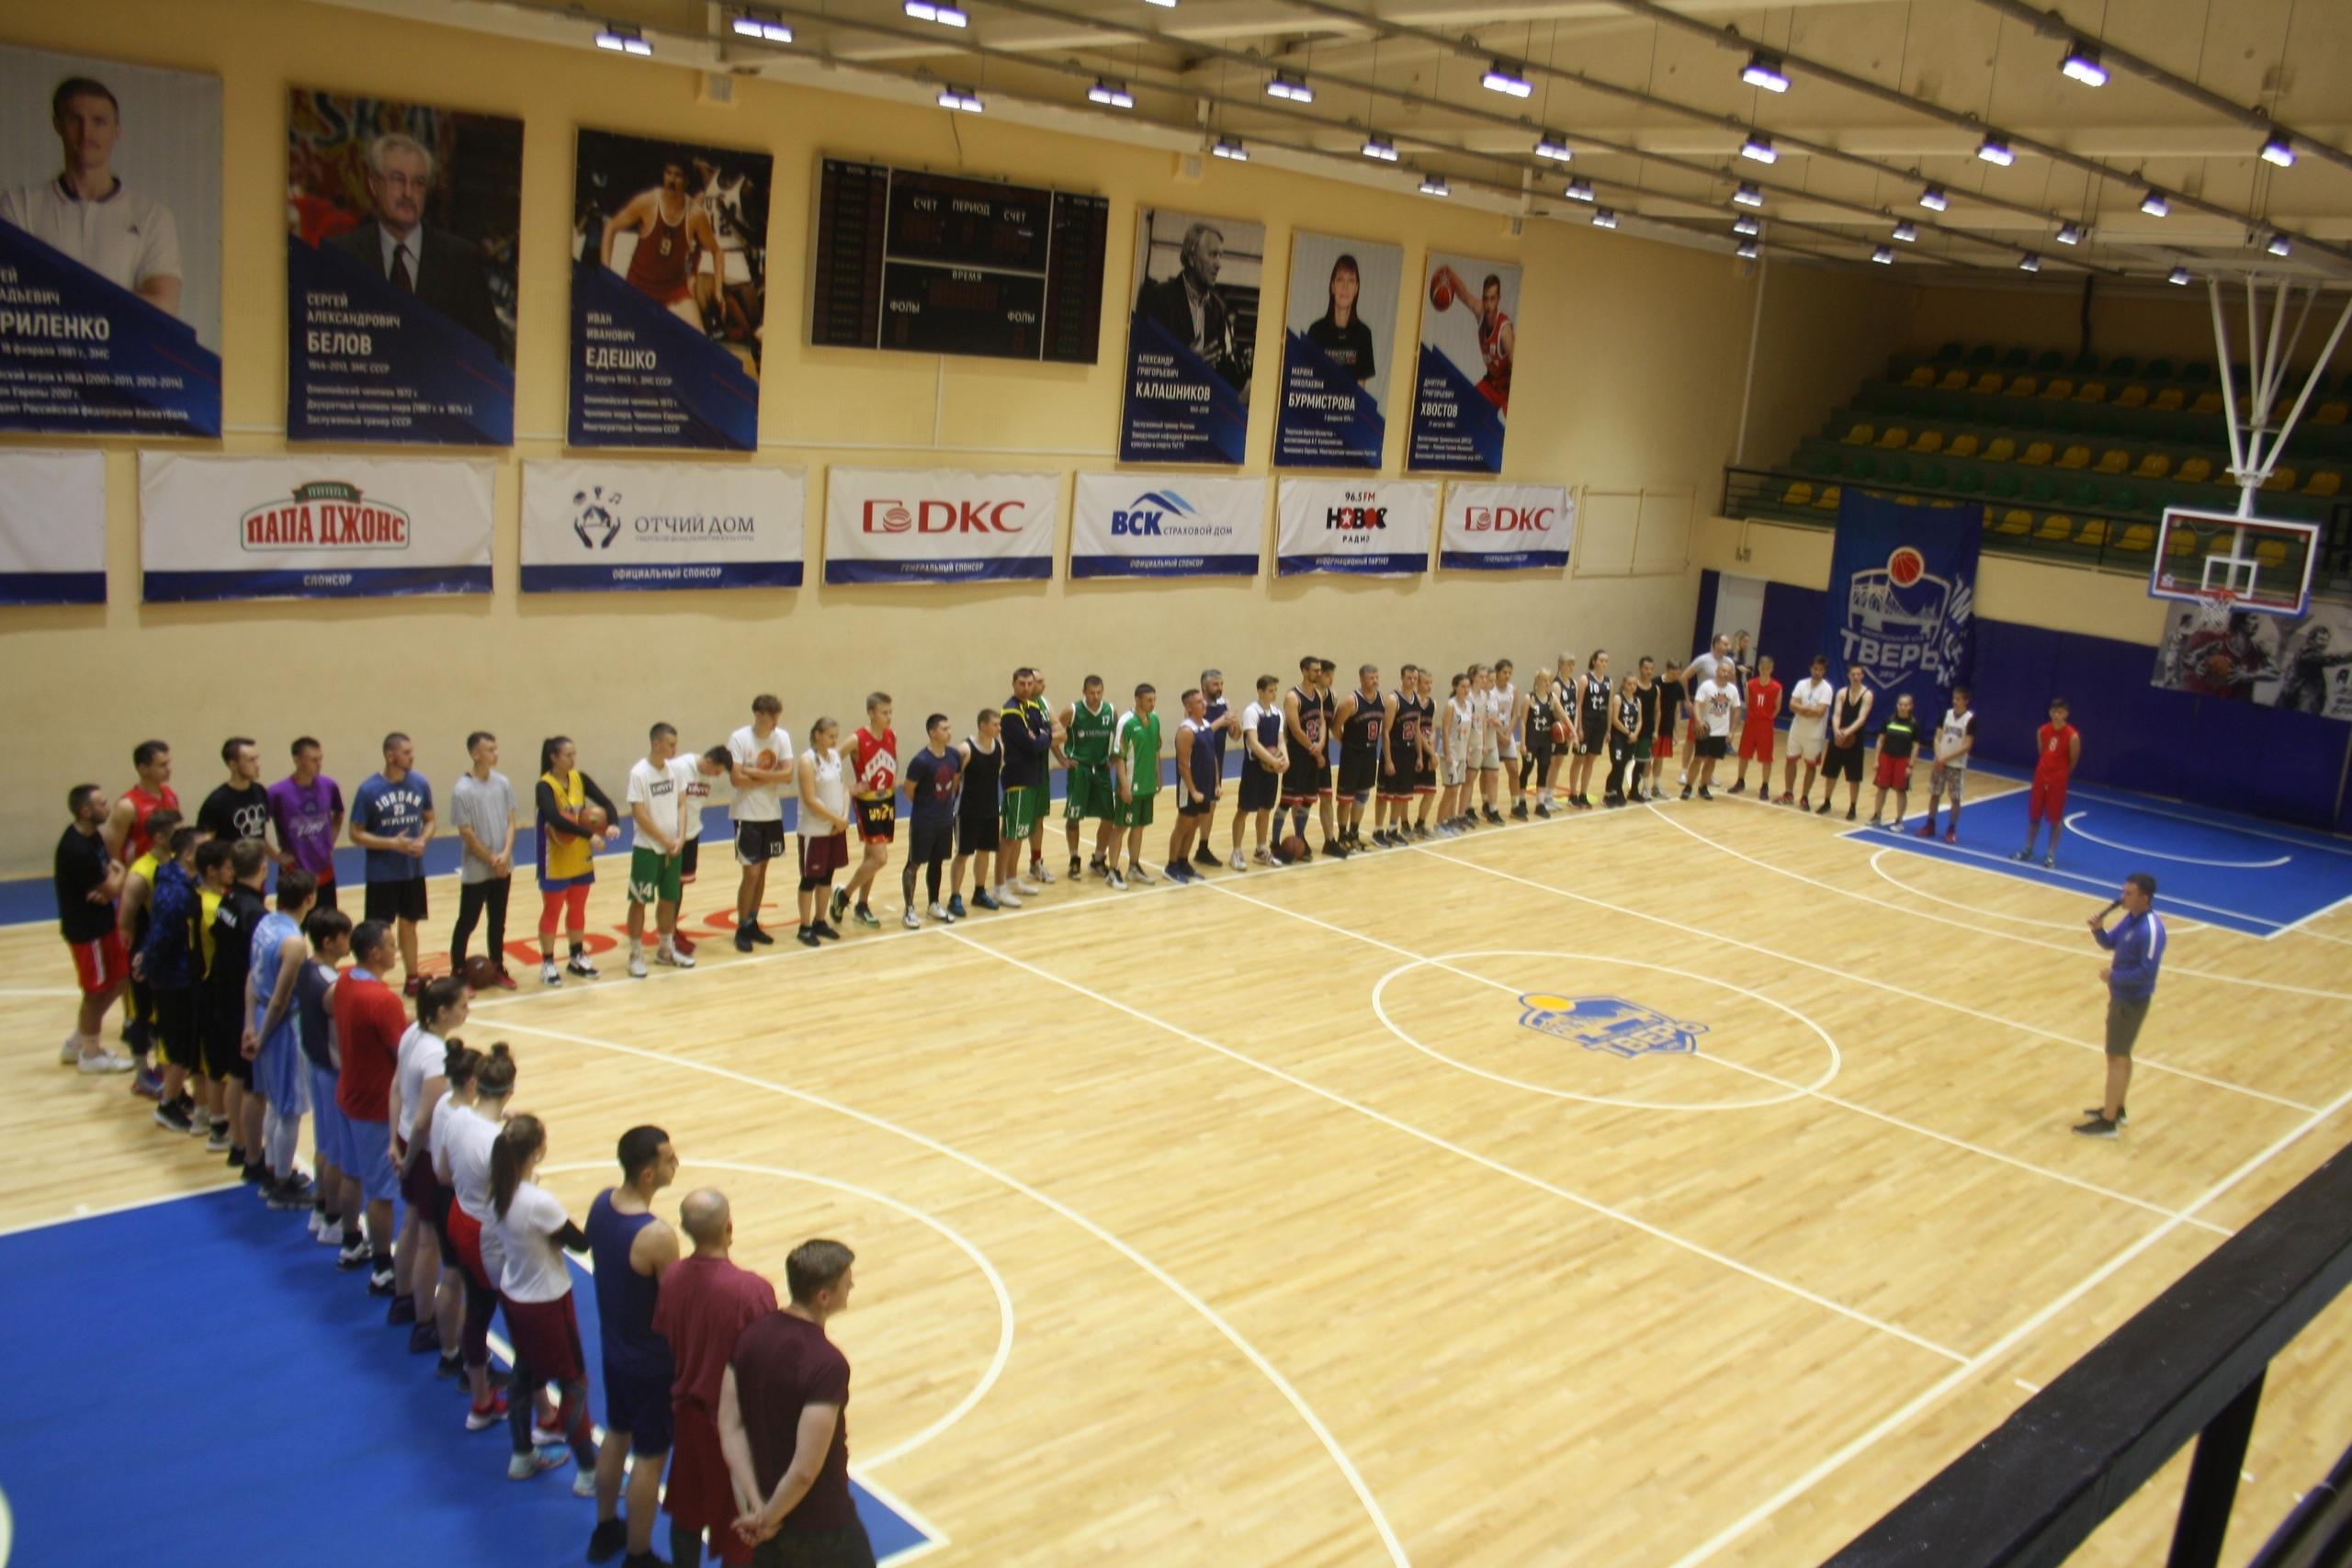 Спортсмены из Ржева поборются за медали на областном первенстве по стритболу